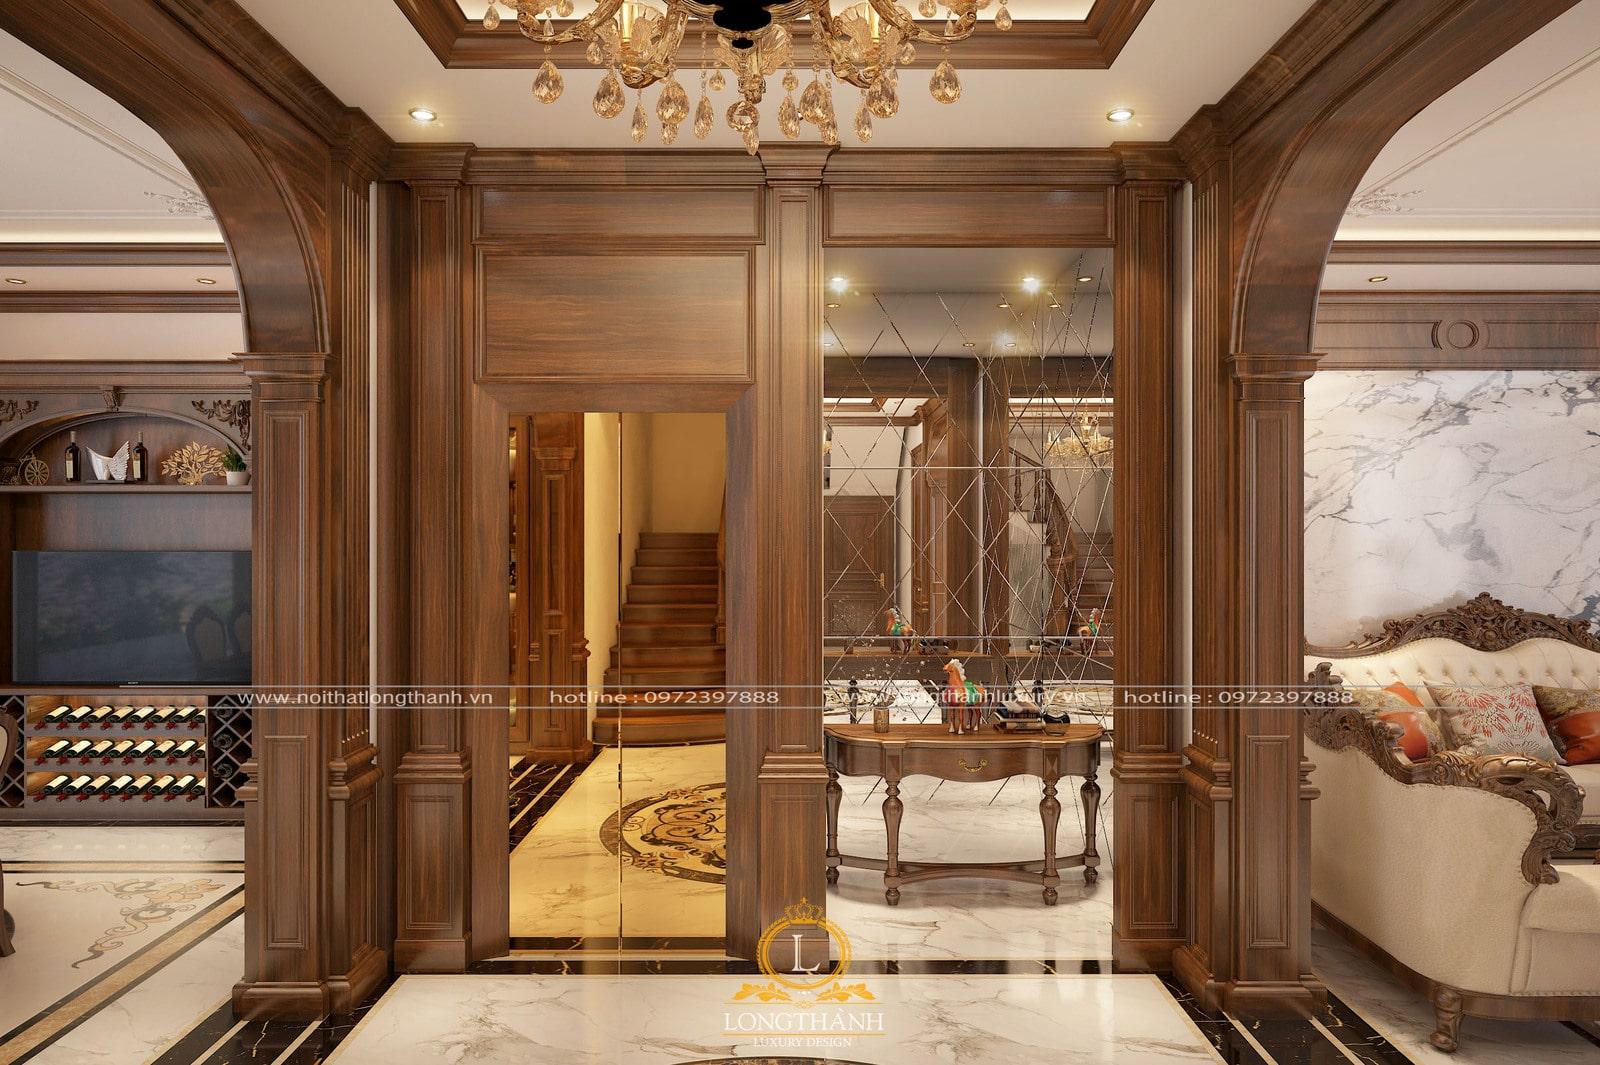 Khônggian phòng khách tân cổ điển đẹp với nhiều chi tiết ốp gỗ tự nhiên